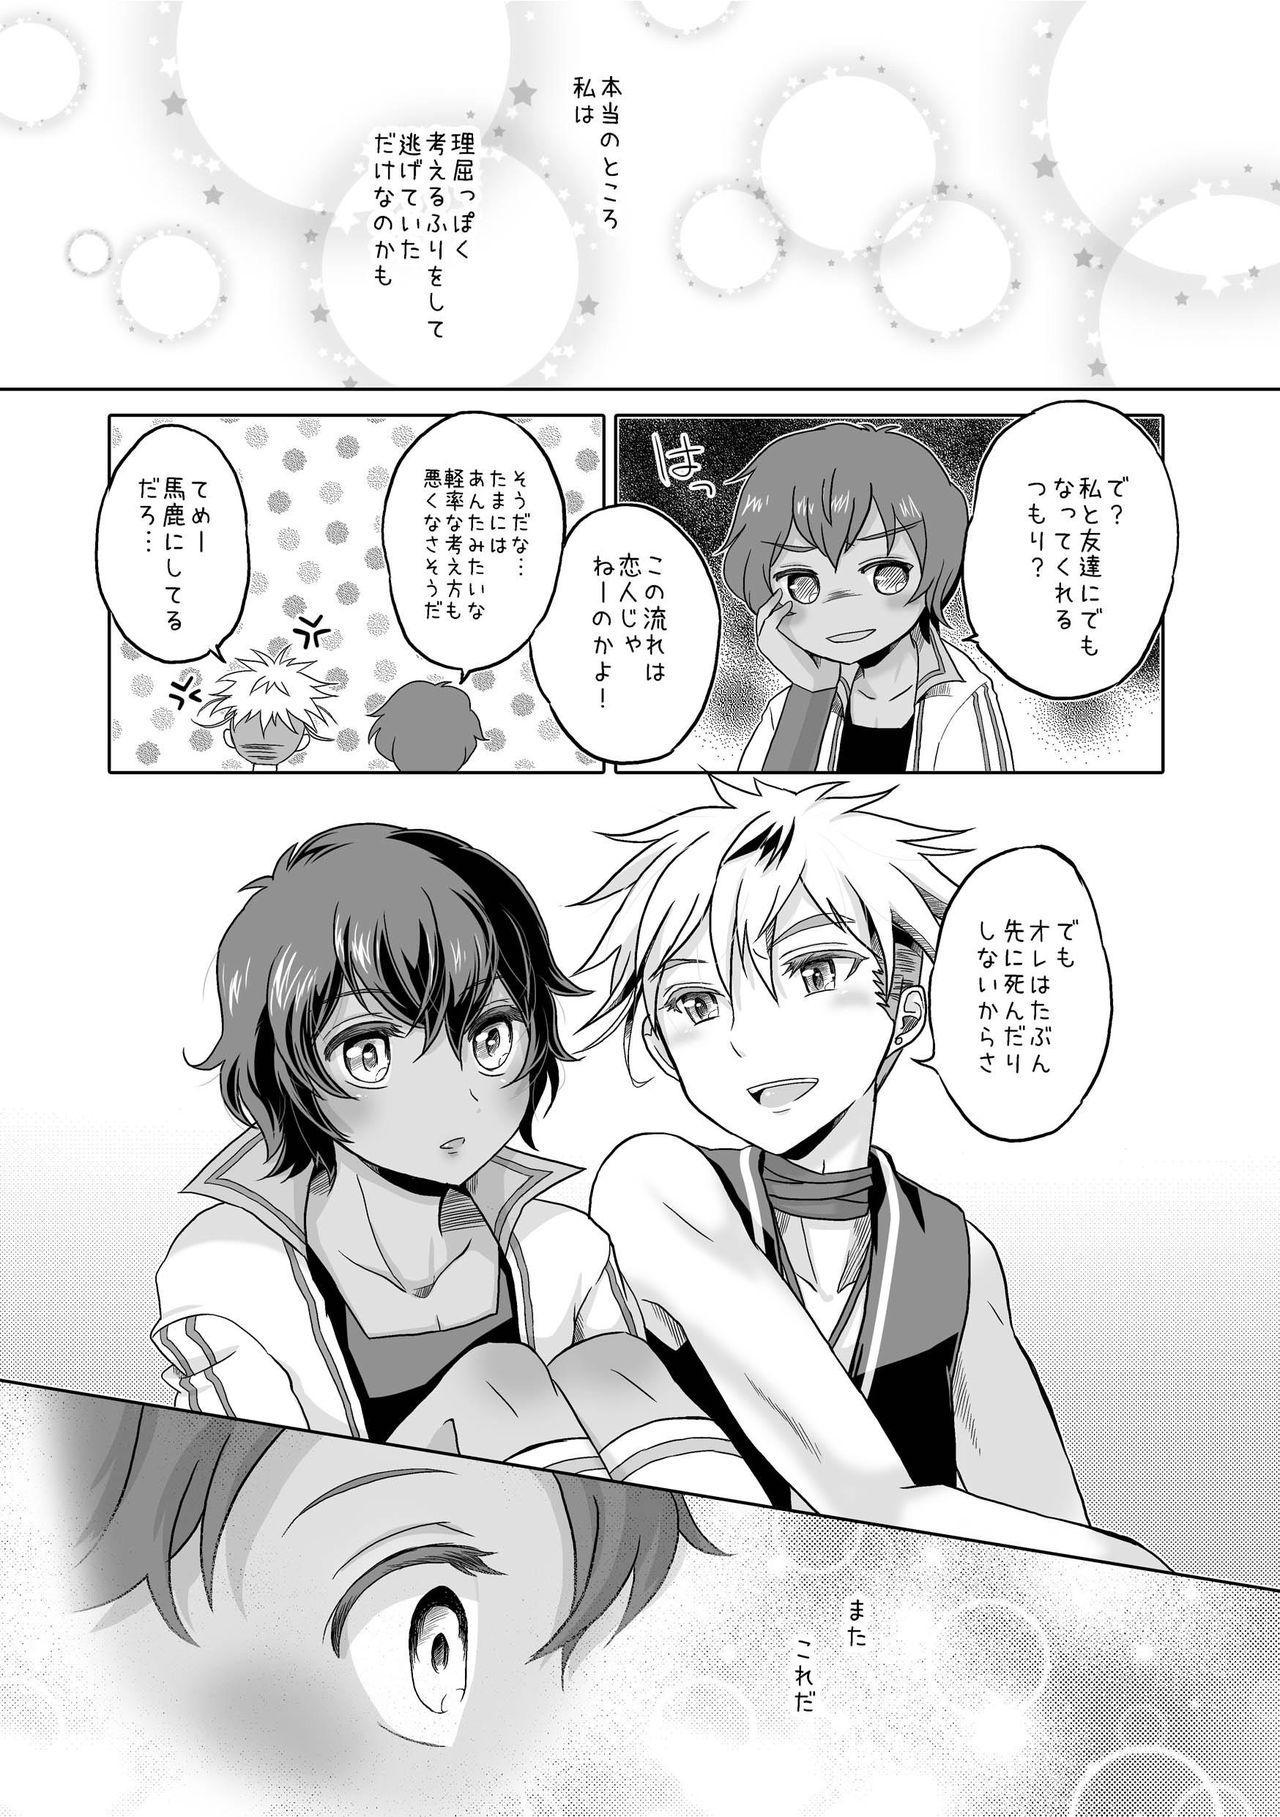 Kimi to Ikusen no Yoru o Sugosou 22